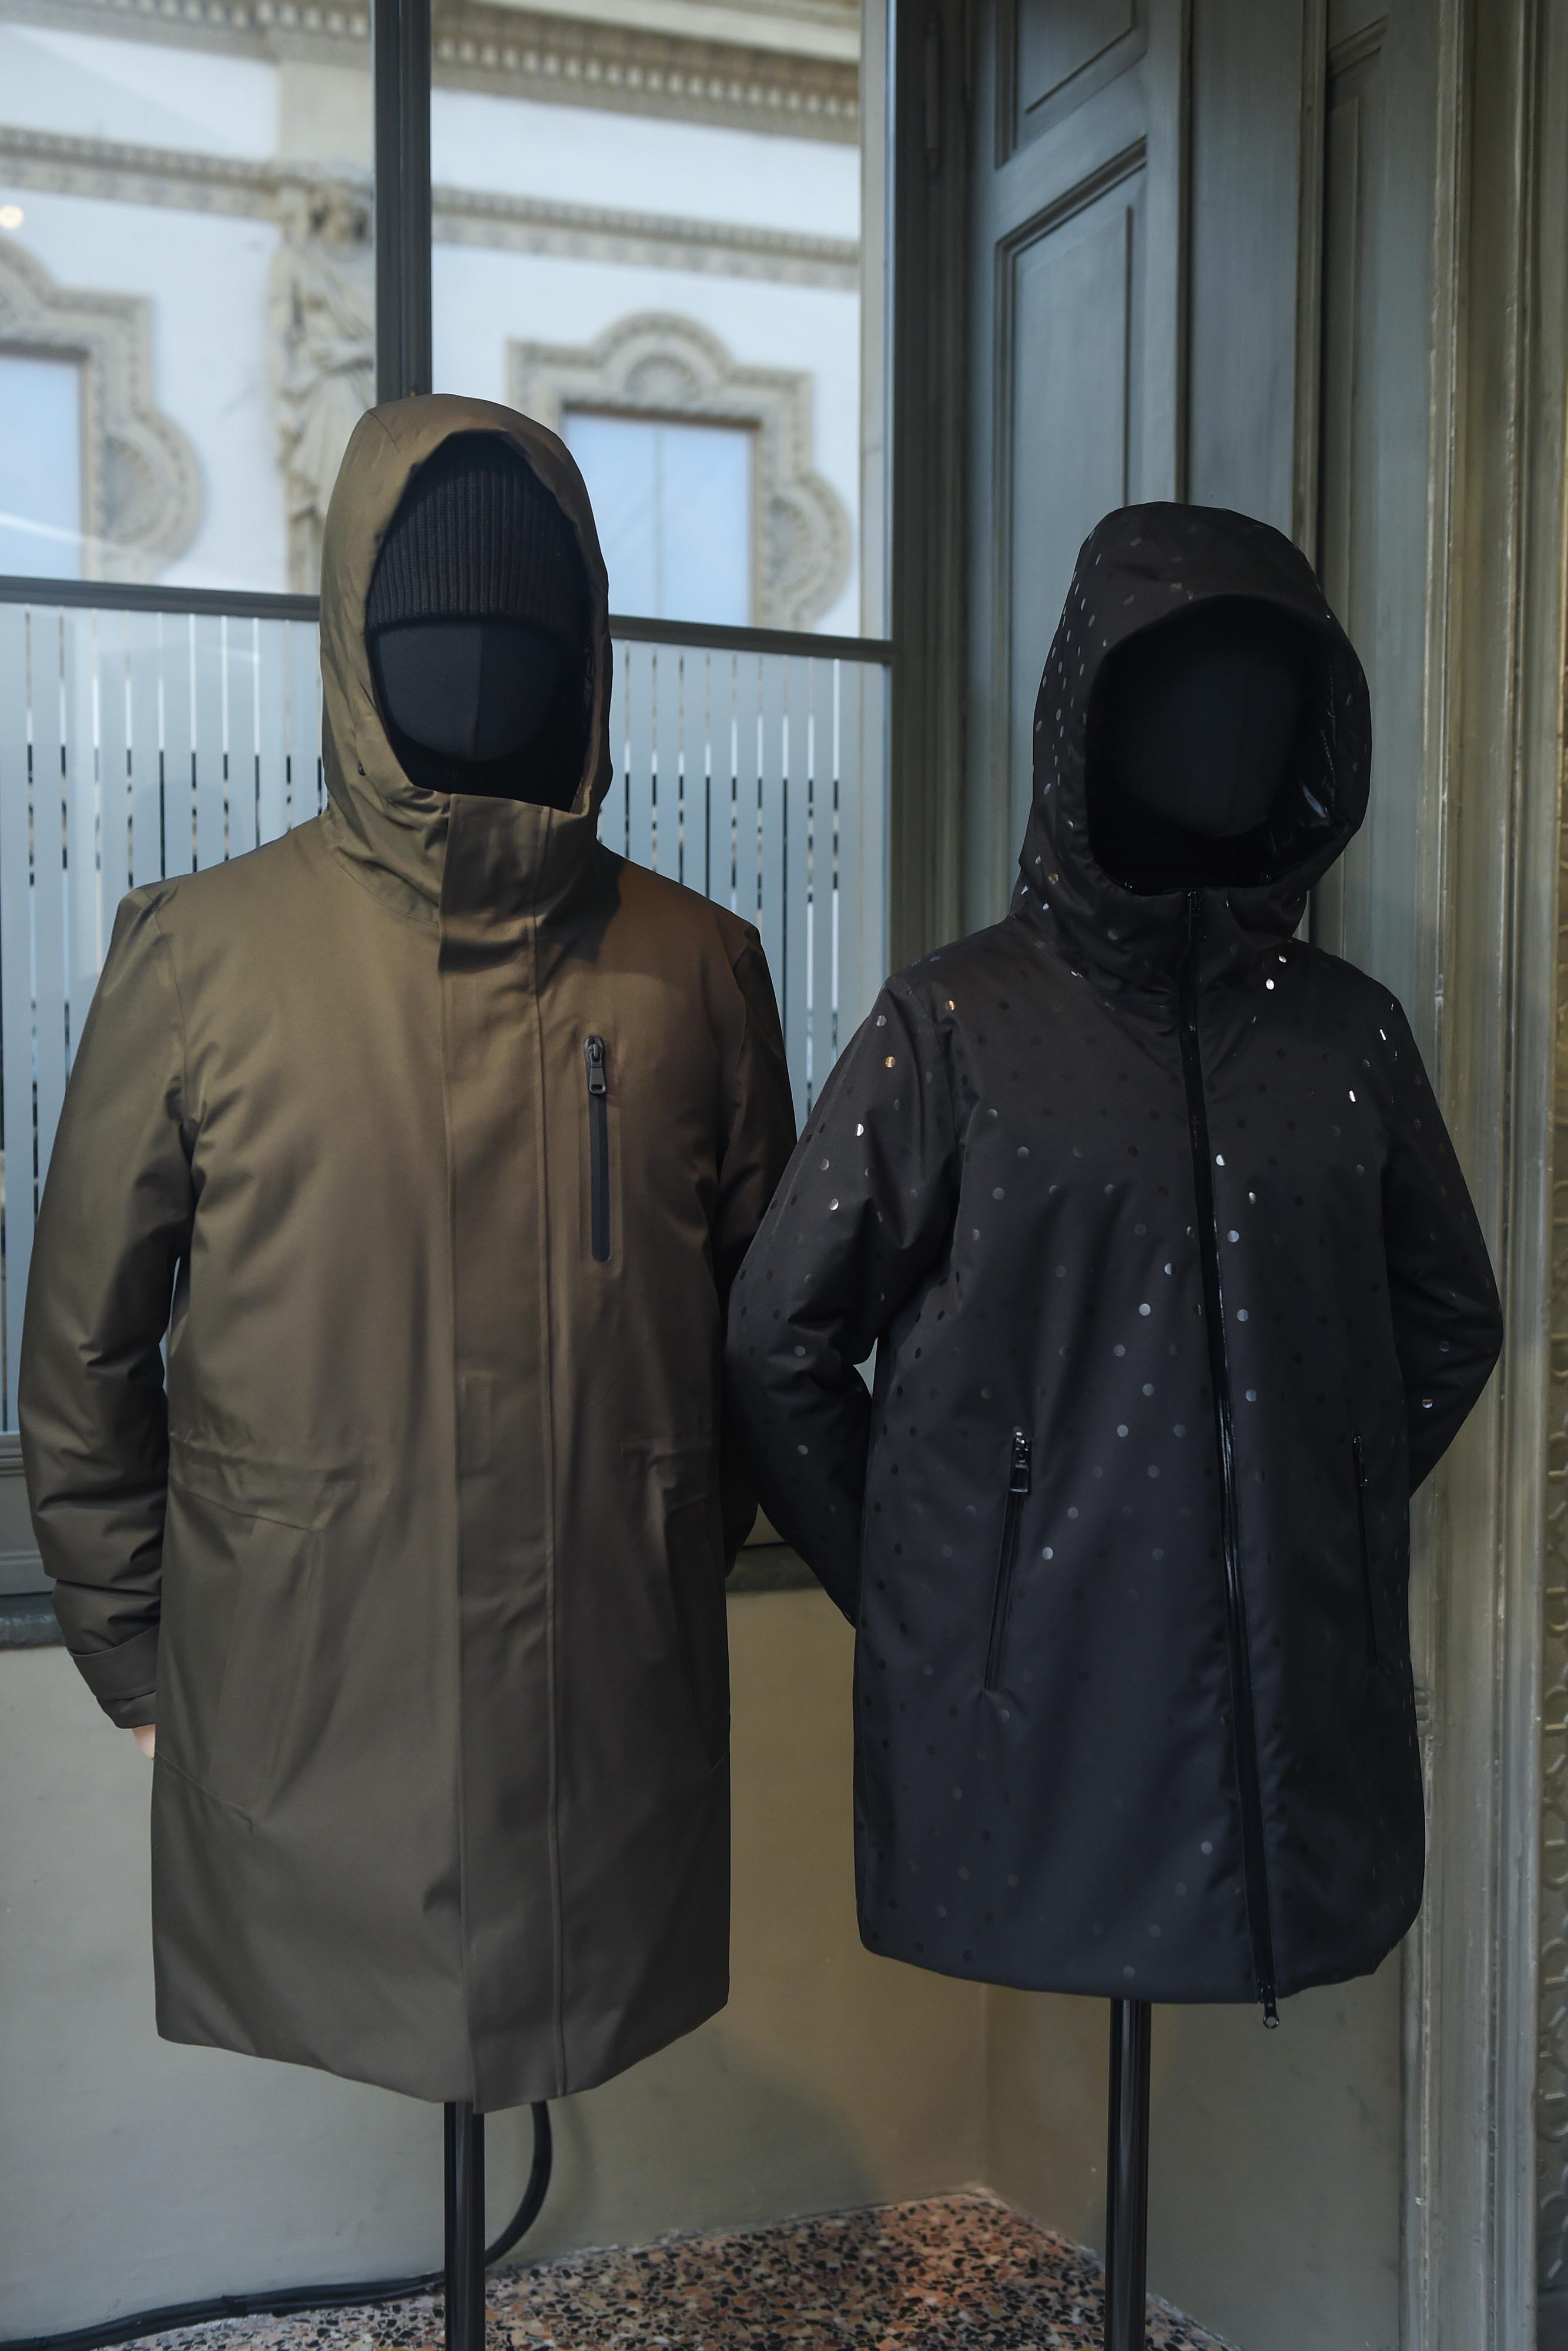 7420e121 2d06 47b0 b0eb dae07b56dec2 - Geox presenta su colección para hombre Otoño/Invierno 2020 de calzado y prendas exteriores